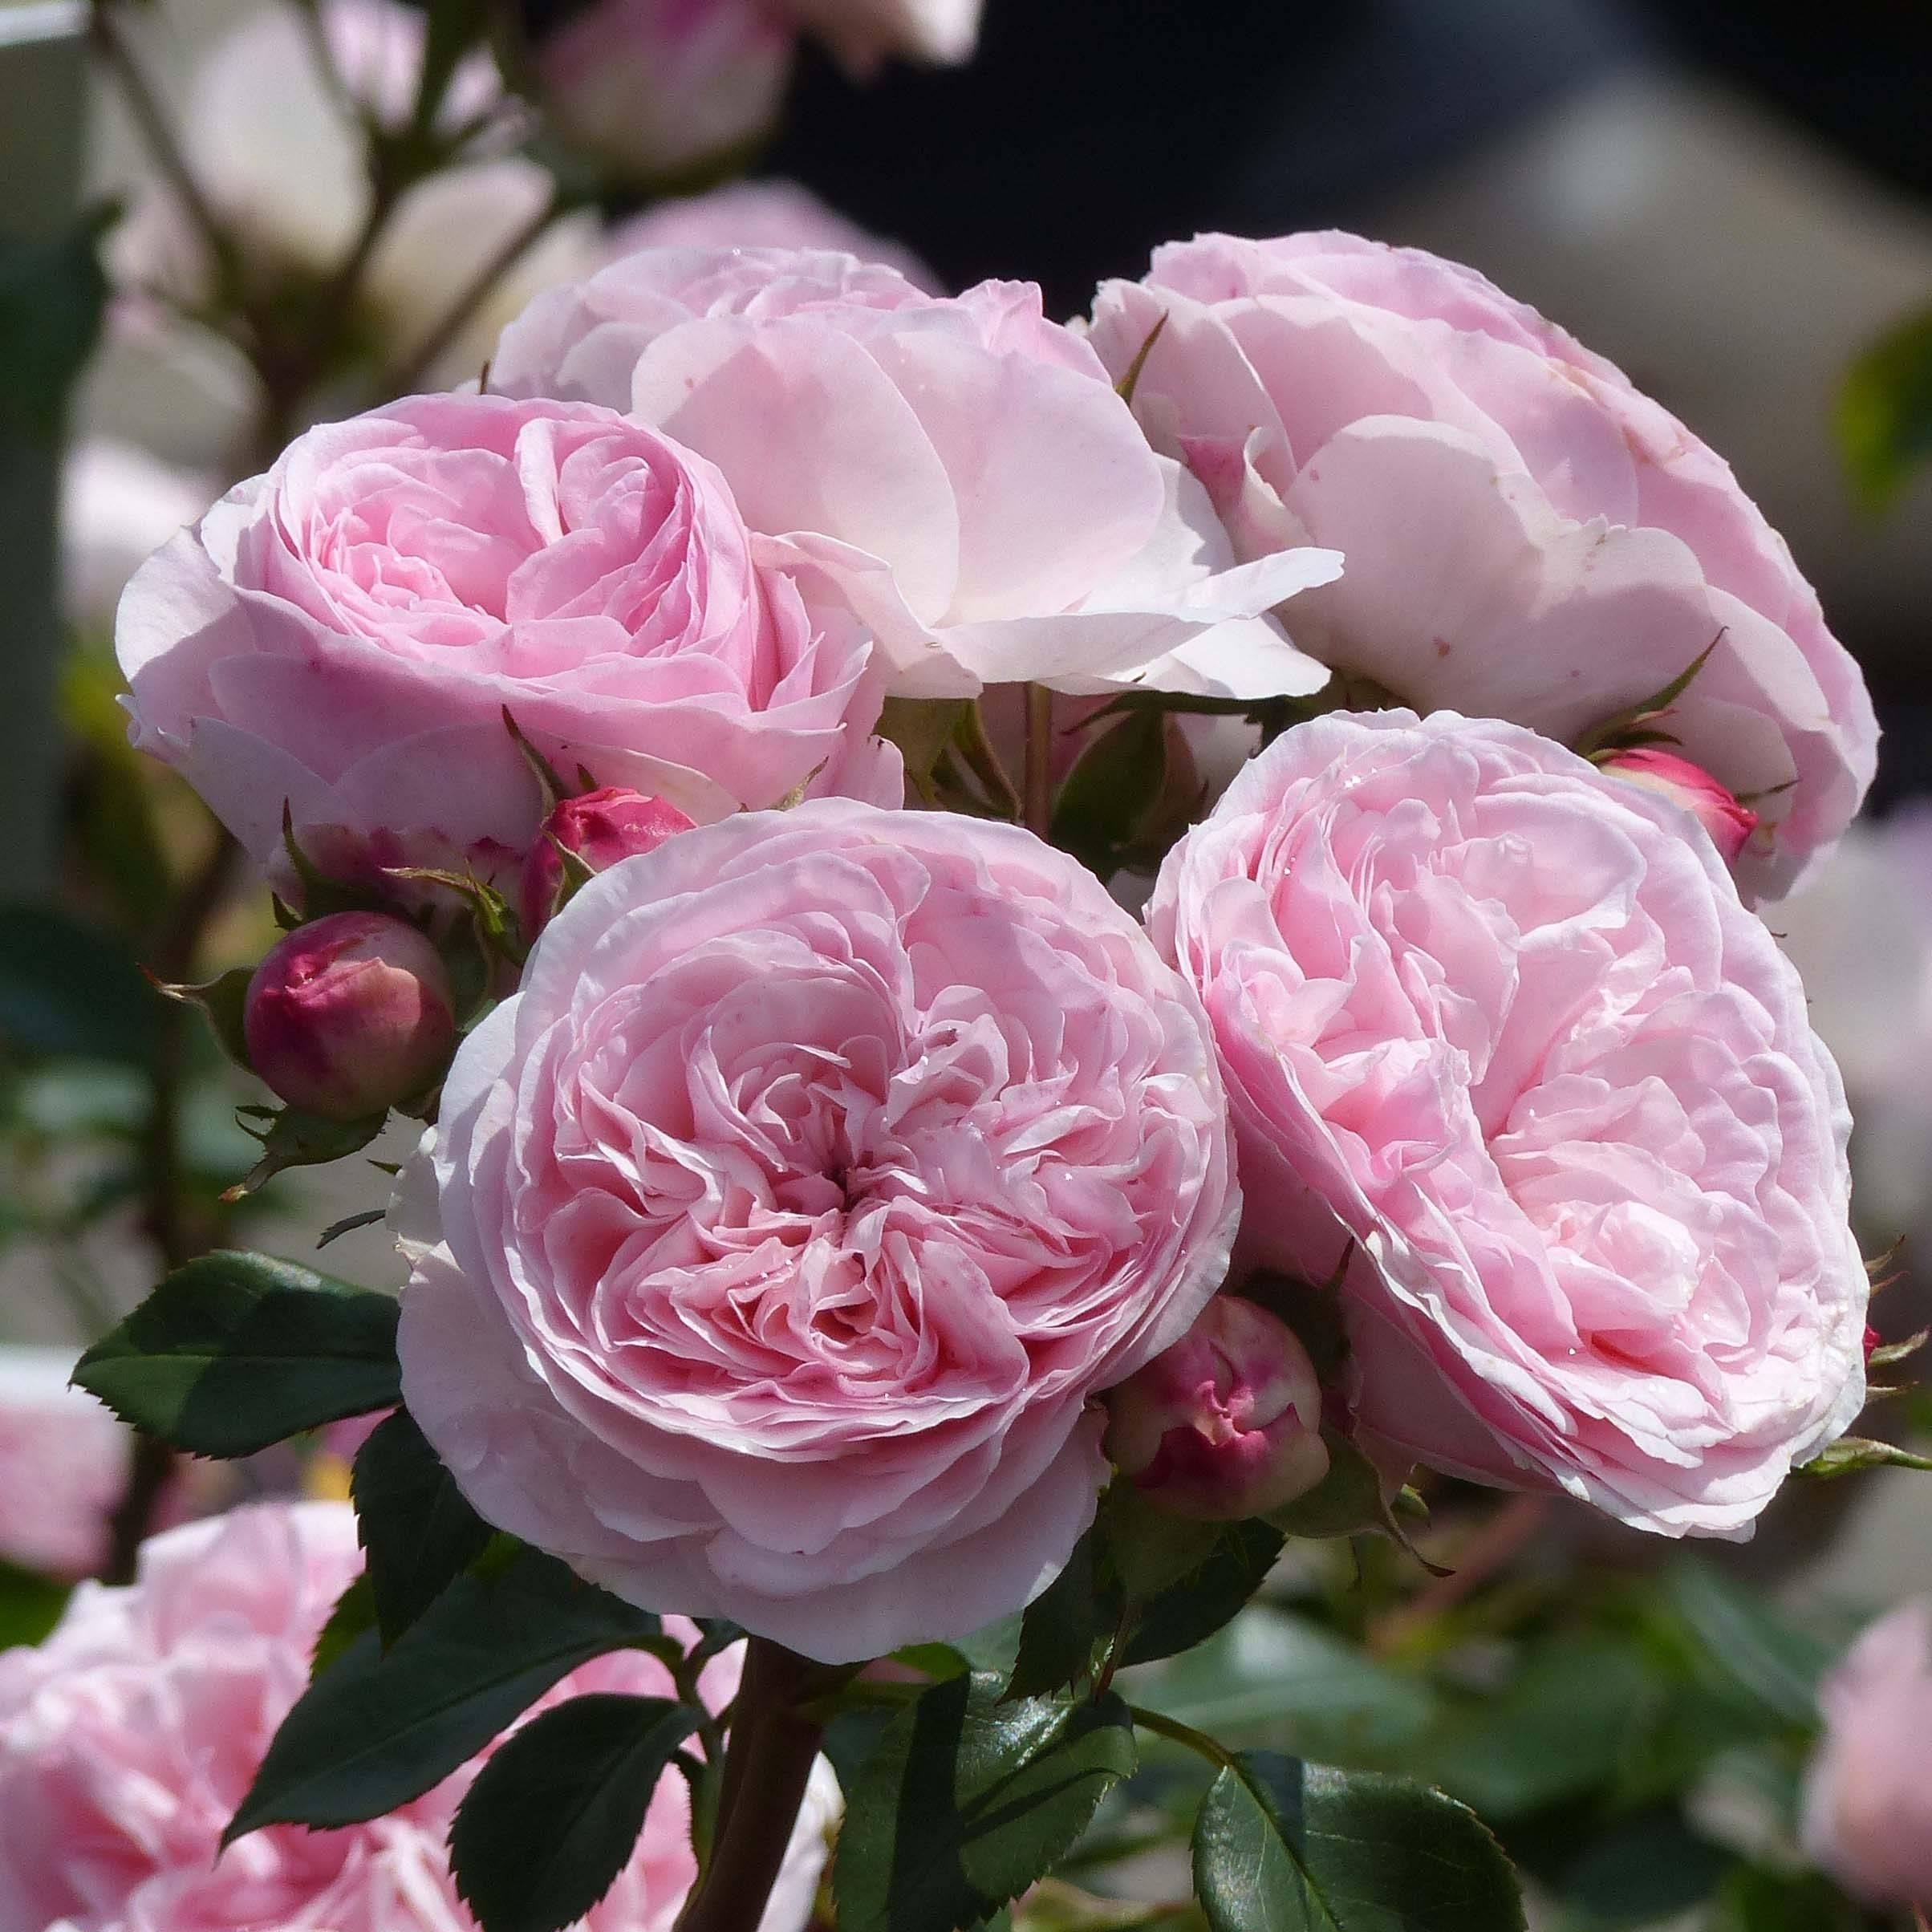 Роза фокус покус (hocus pocus) — описание сортовой культуры